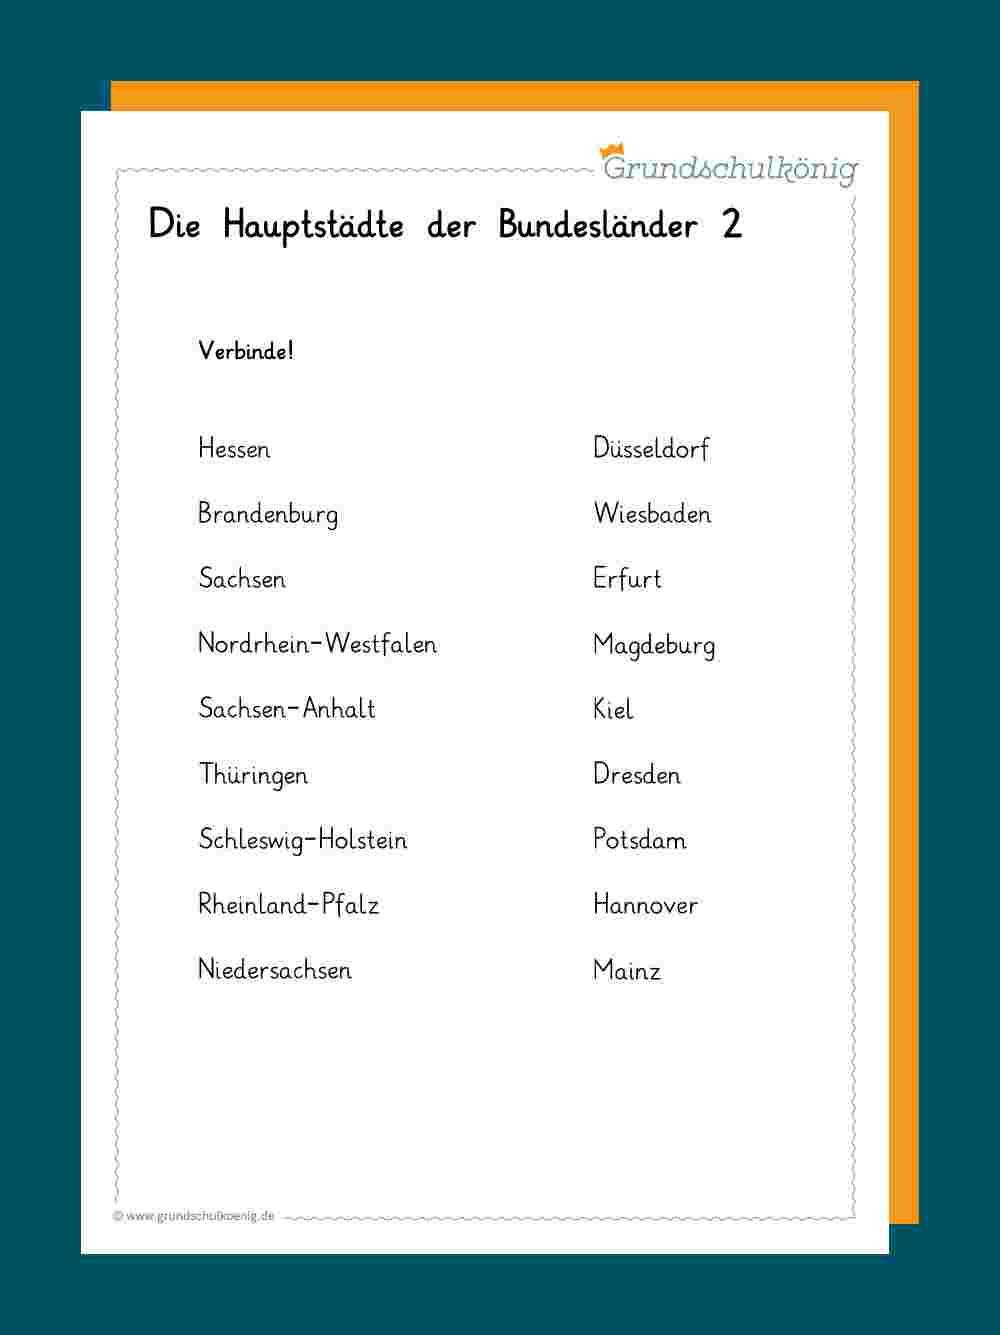 Deutschland in Deutschland Bundesländer Mit Hauptstädten